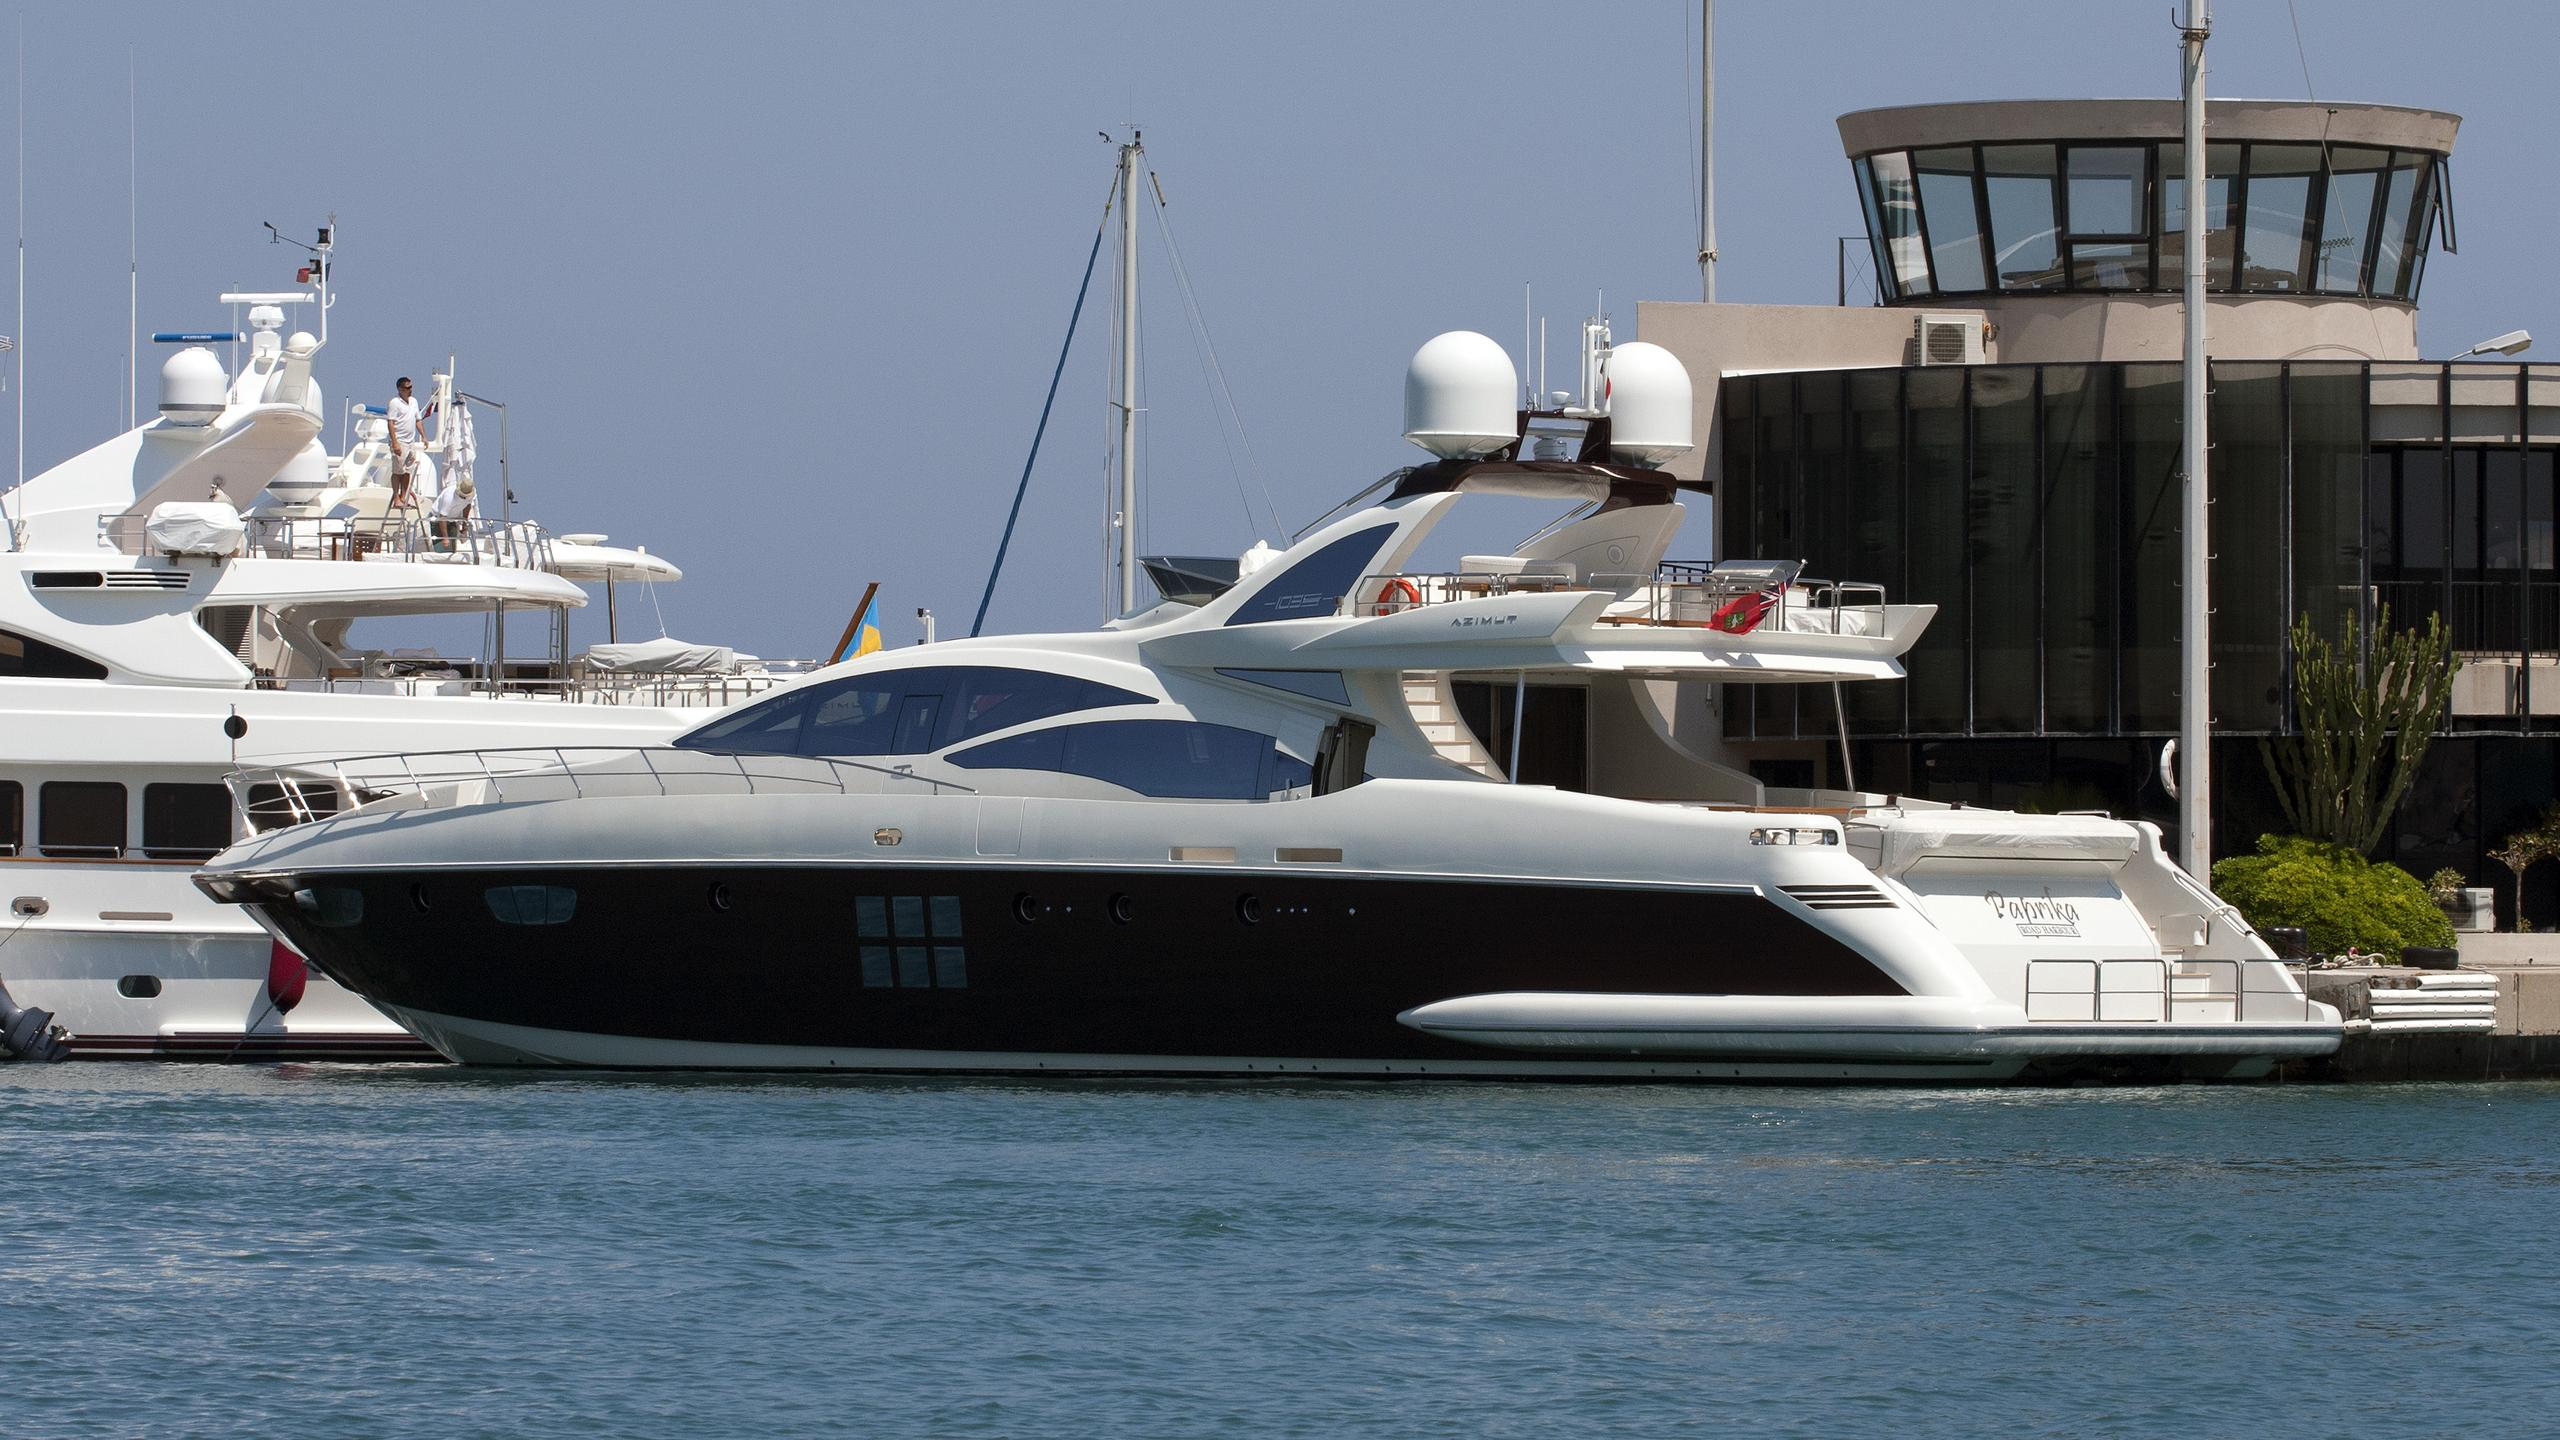 paprika-motor-yacht-azimut-103s-2007-31m-profile